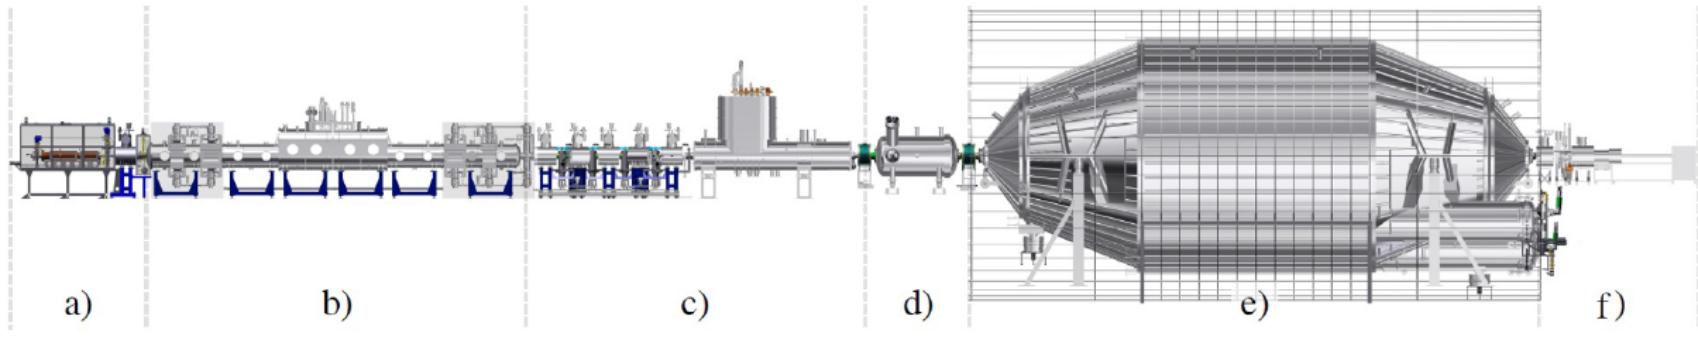 Установка КАТРИН (общая длина 70м): а) диагностическая станция «задняя стенка»; b) безоконный газовый источник трития; с) откачные станции (механическая и криогенная); d) предварительный спектрометр; e) основной спектрометр; f) станция детектора